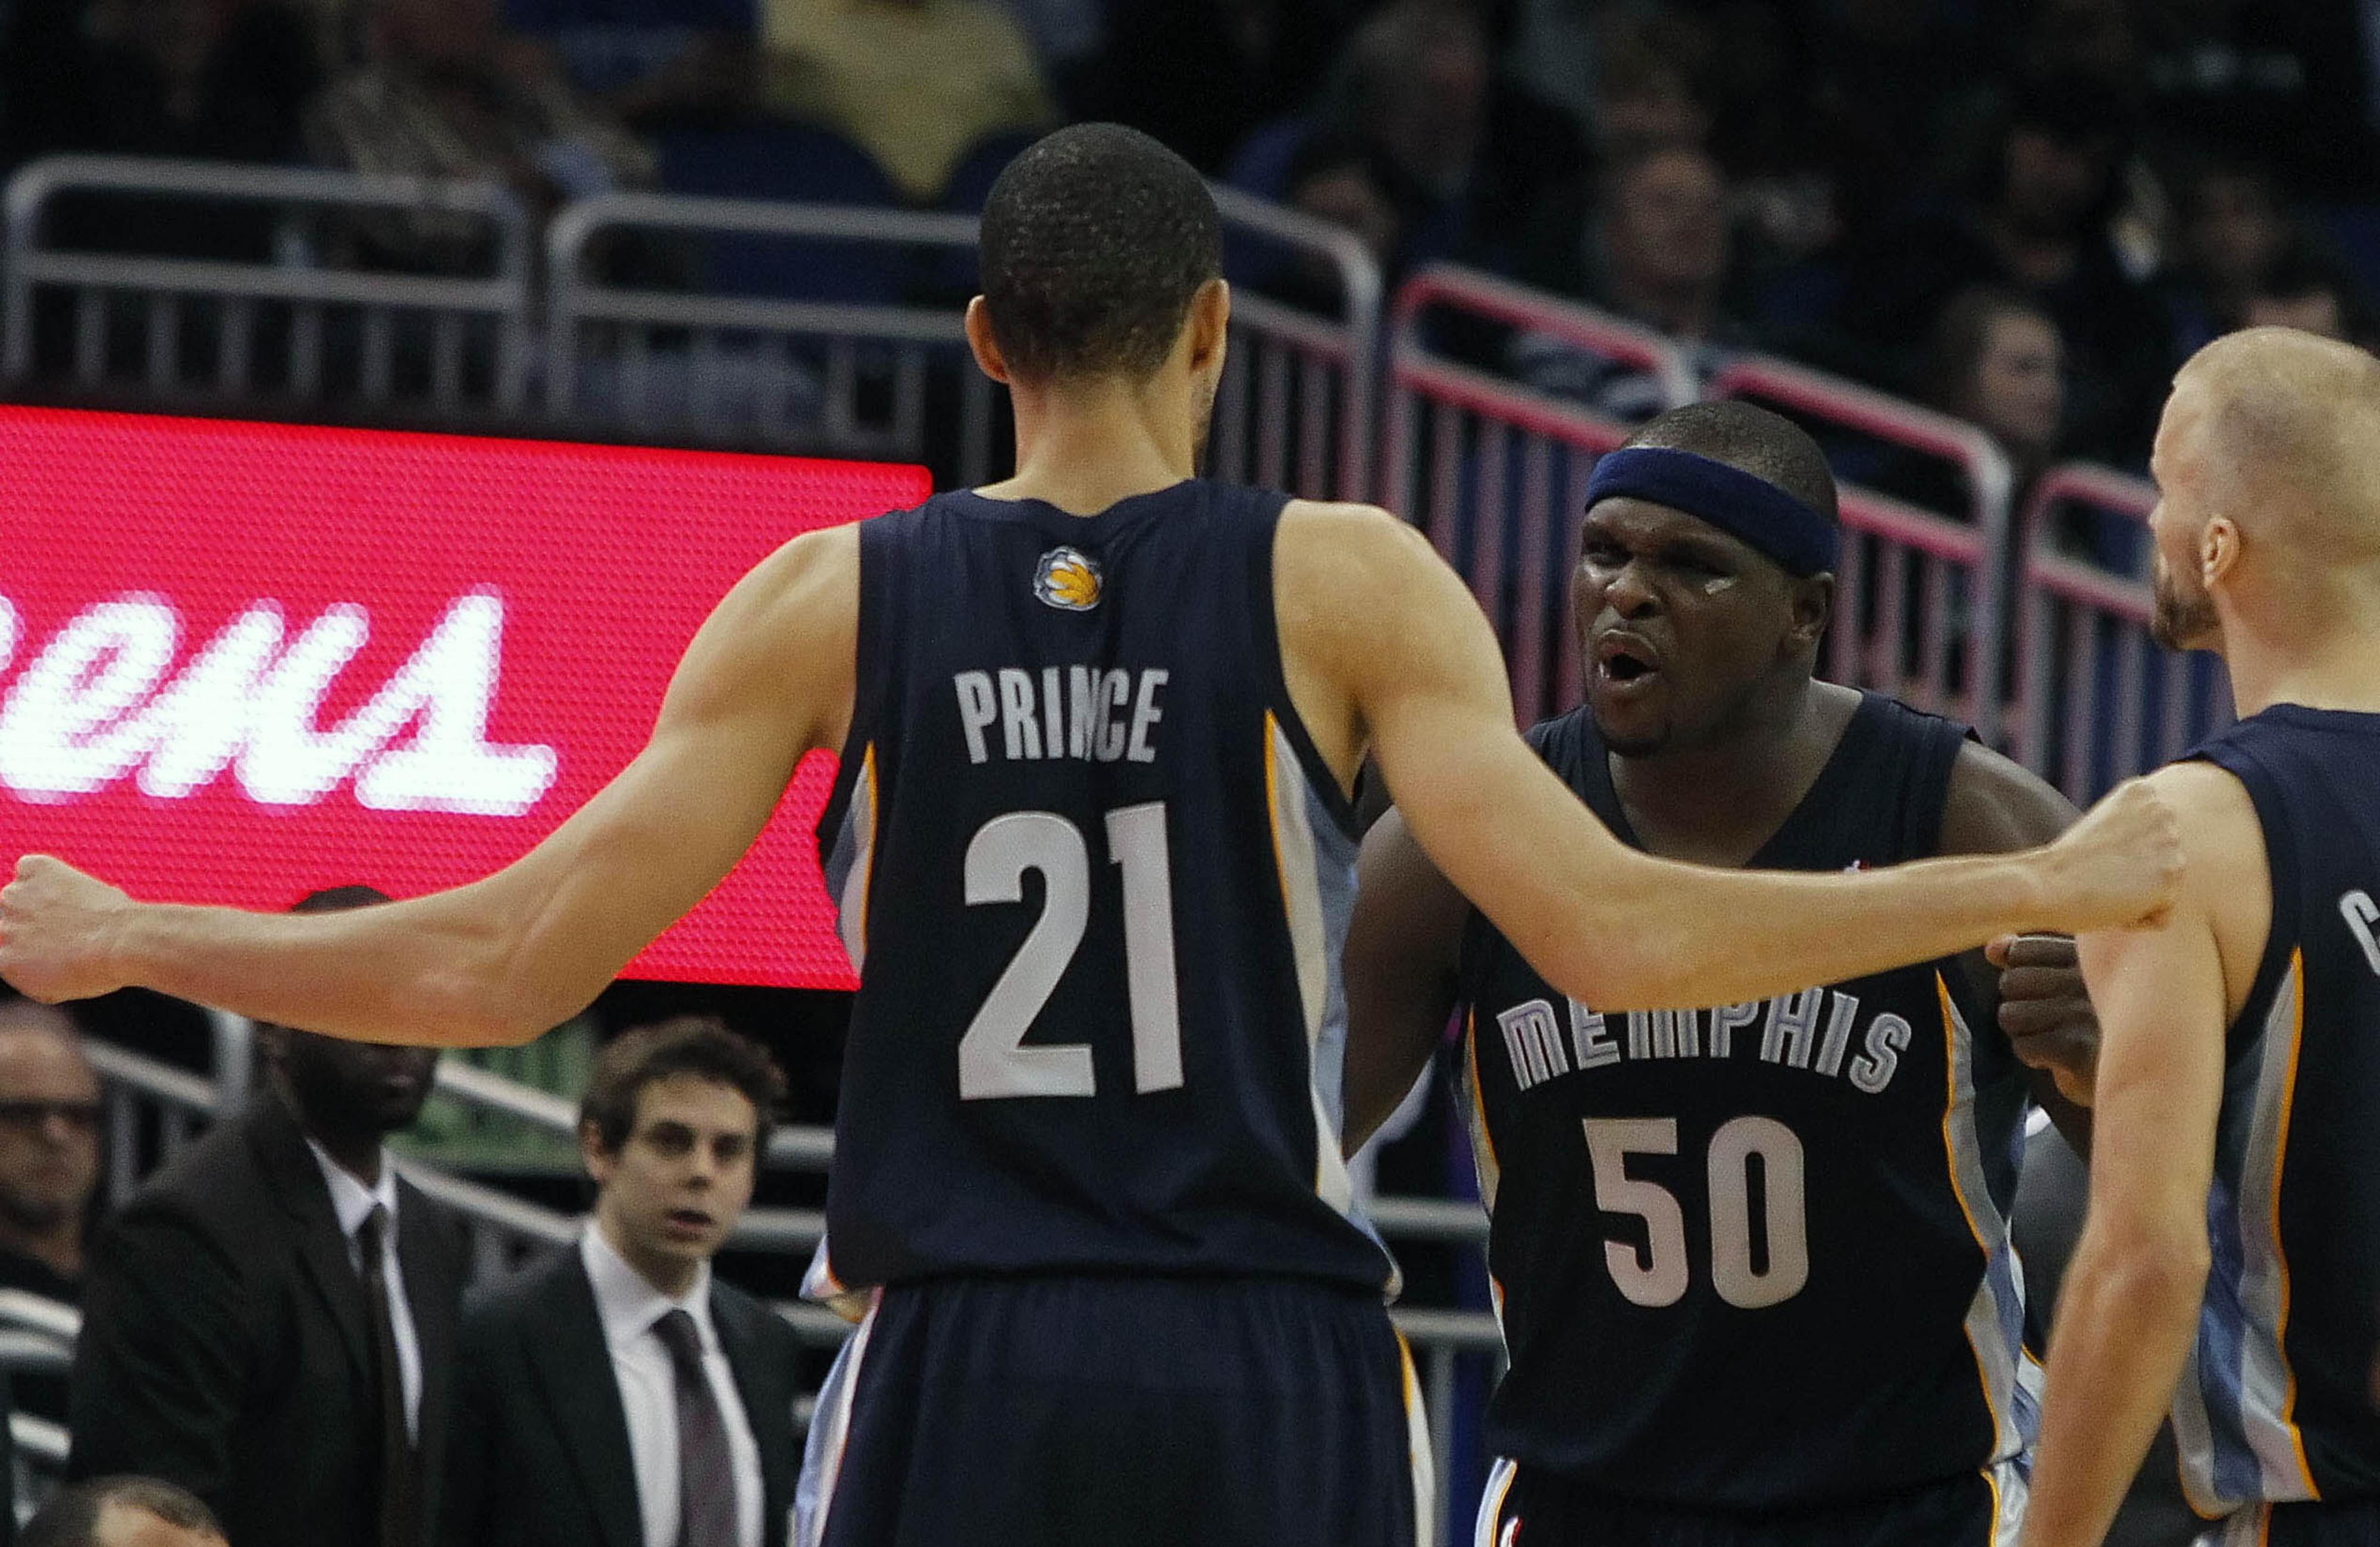 Tayshaun's teammates, like Zach Randolph, already see Prince's bright side.